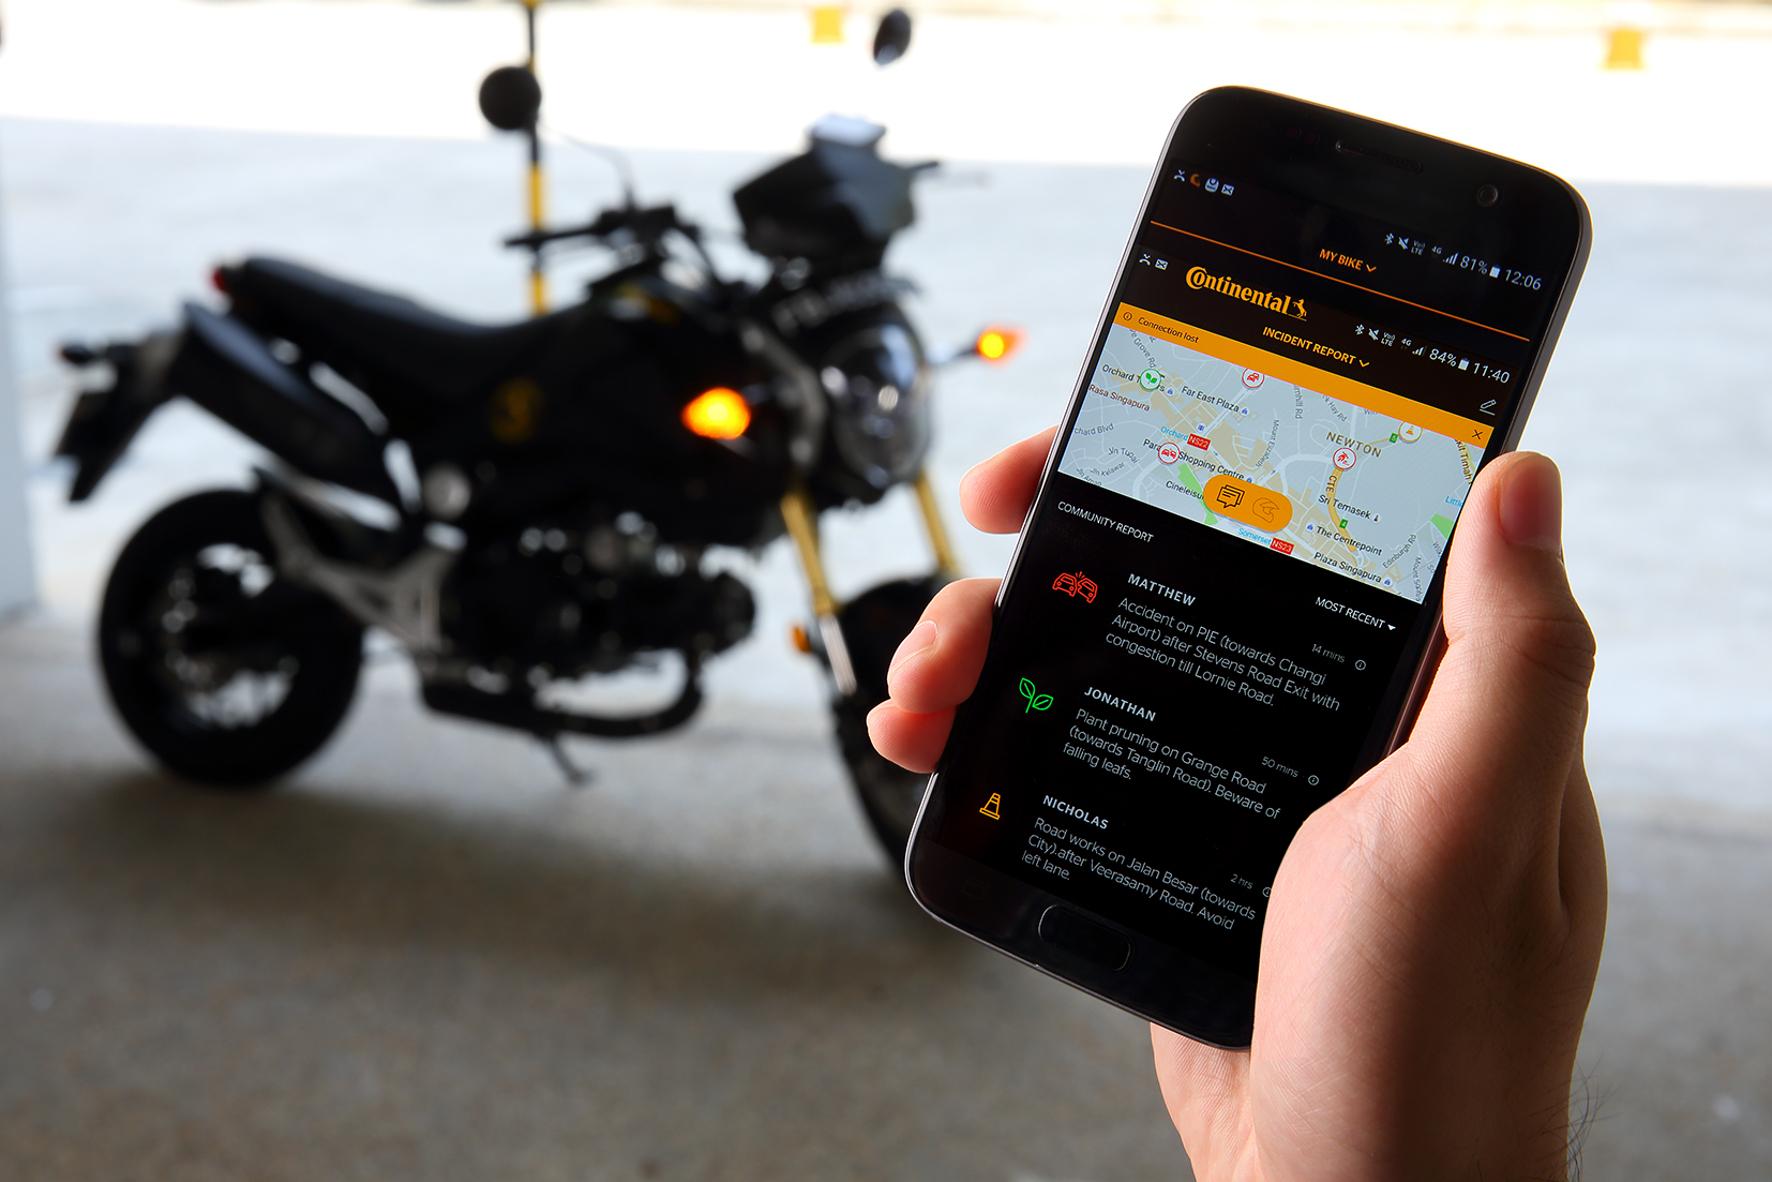 mid Groß-Gerau - Vernetzung auf dem Motorrad: Continental stattet Zweiräder mithilfe des eHorizon mit Schwarmintelligenz aus.